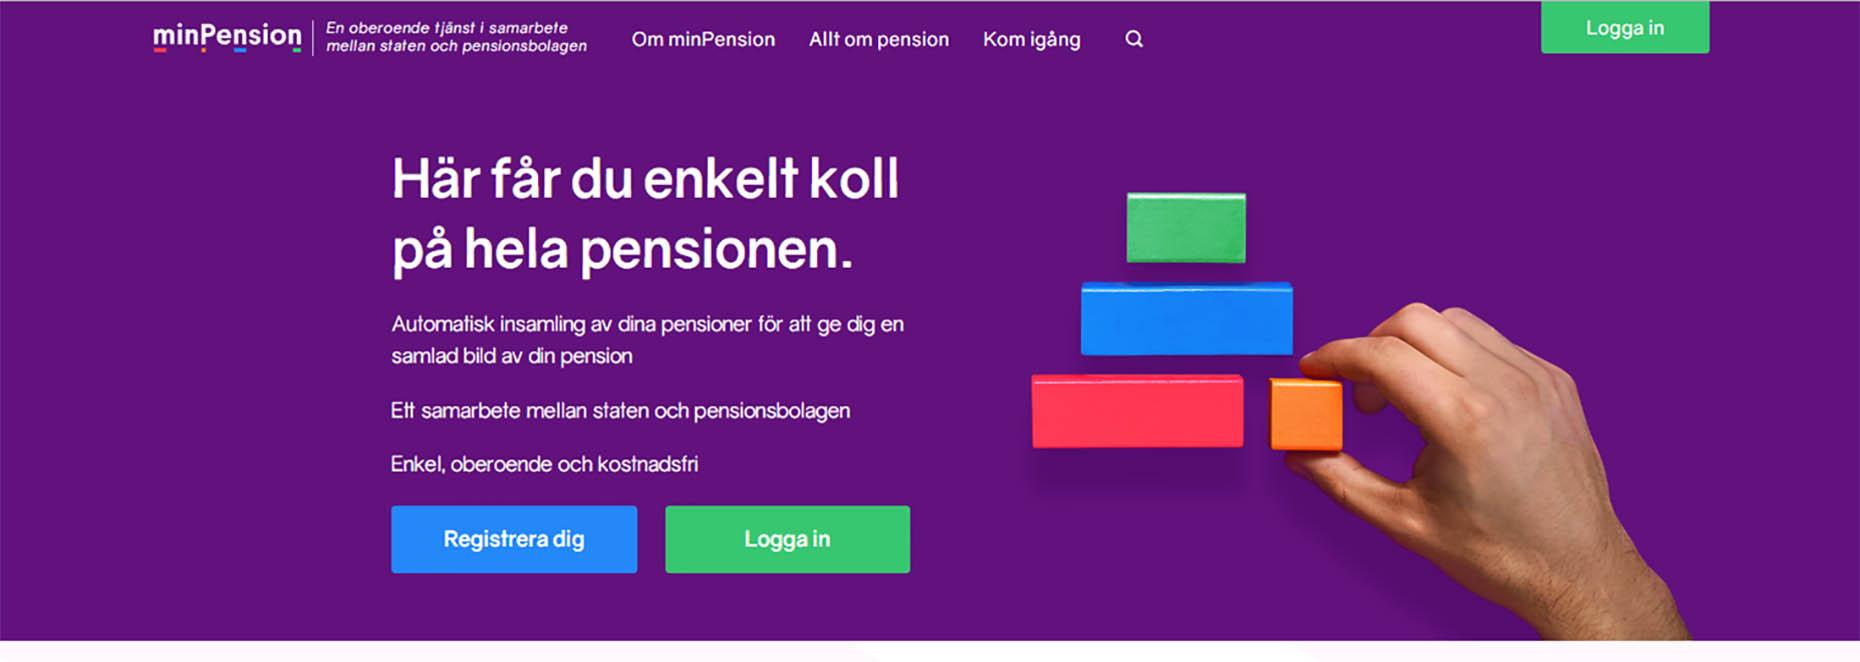 Välkomstsidan minPension